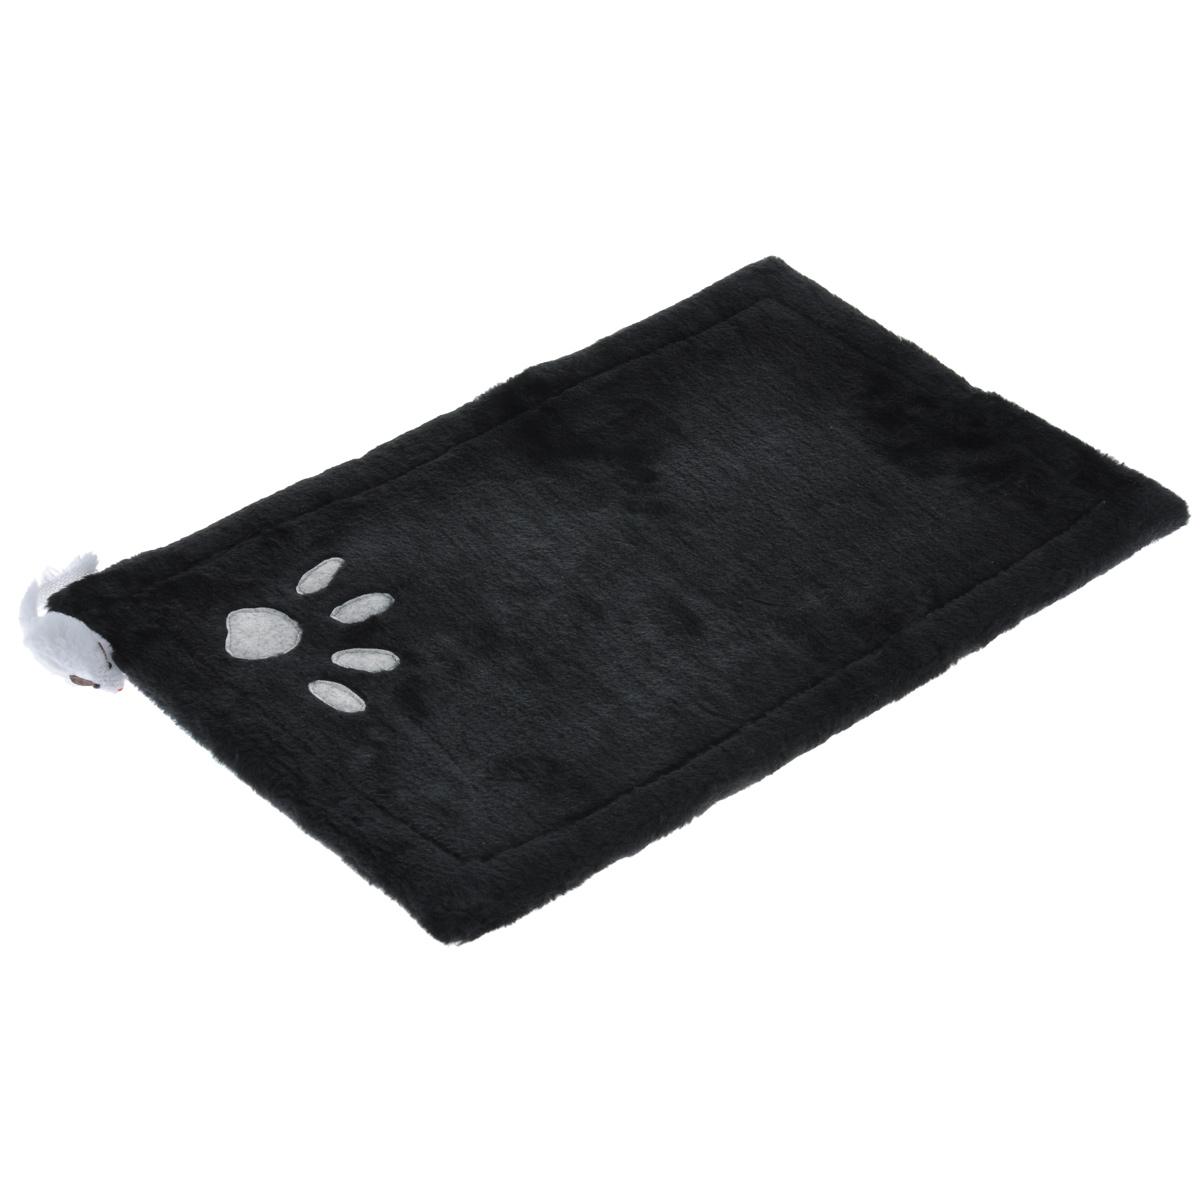 Когтеточка-коврик для кошек I.P.T.S., 0405155цвет: черный, 48 см х 31 см16462Когтеточка для кошек I.P.T.S. выполнена из сизаля в виде коврика, по краям обитого плюшем. Коврик декорирован следом от лапки и белой мышкой.Когтеточка - один из самых необходимых аксессуаров для кошки. Для приучения к ней можно натереть ее сухой валерьянкой или кошачьей мятой.Коврик-когтеточка для кошек I.P.T.S. станет комфортным и любимым местом вашего питомца.